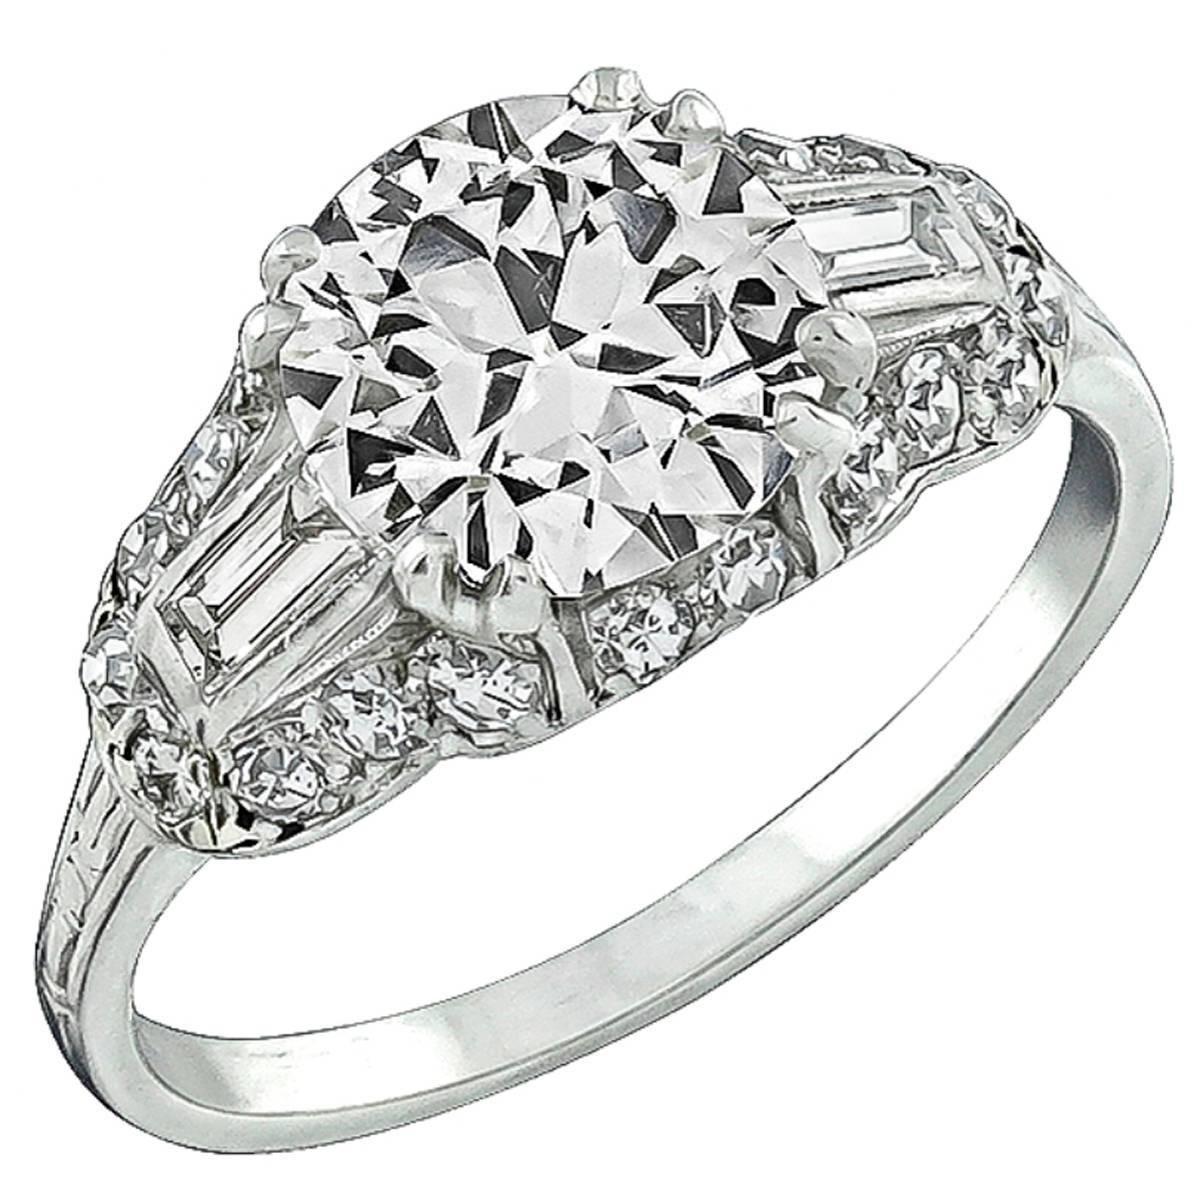 Breathtaking 2.05 Carat GIA Cert Diamond Platinum